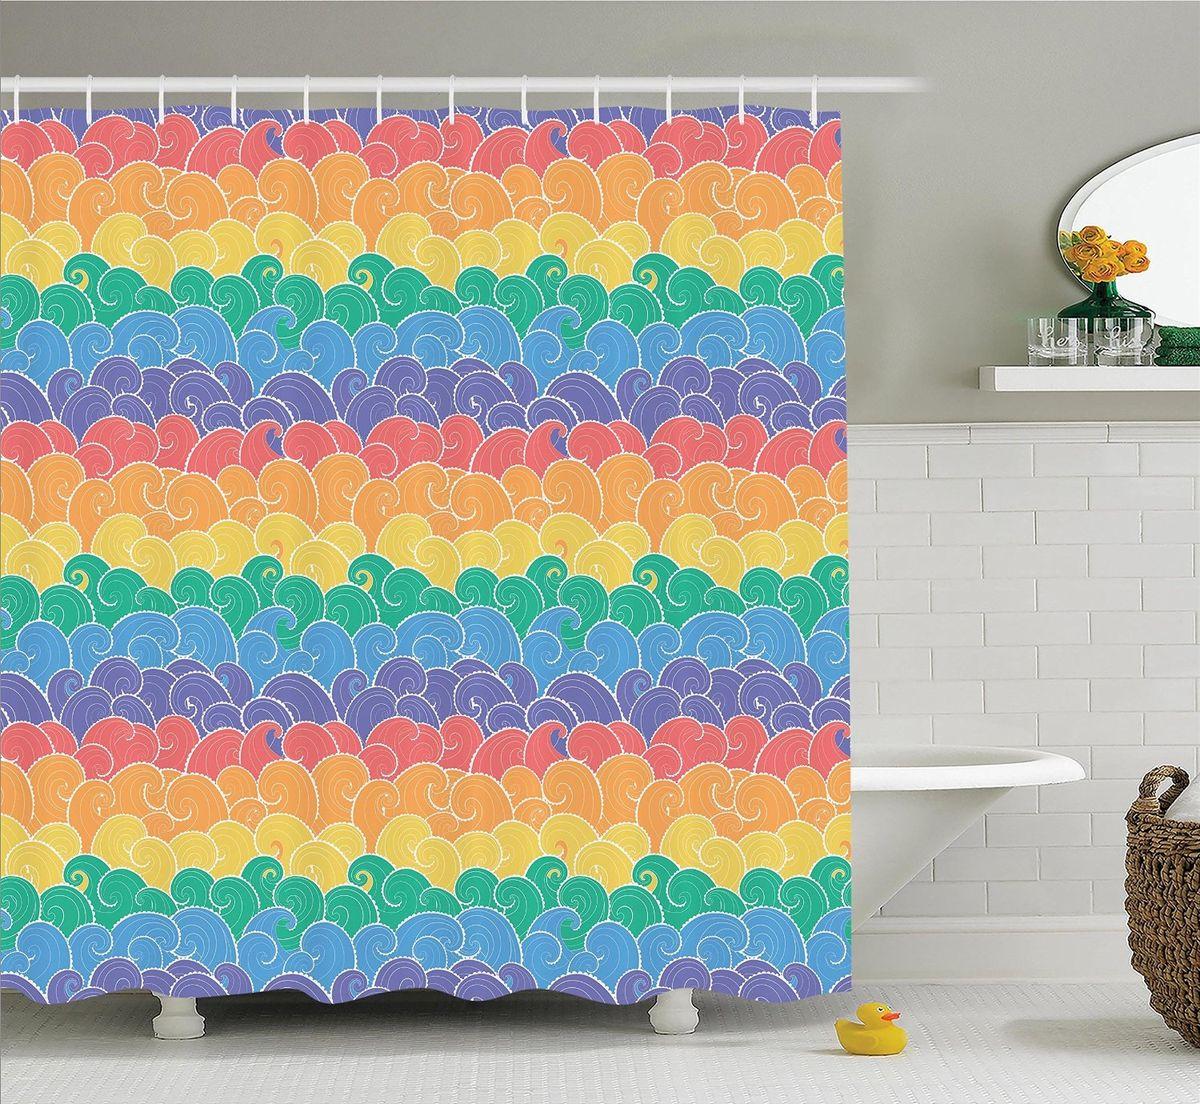 Штора для ванной комнаты Magic Lady Цветные волны, 180 х 200 см68/5/3Штора Magic Lady Цветные волны, изготовленная из высококачественного сатена (полиэстер 100%), отлично дополнит любой интерьер ванной комнаты. При изготовлении используются специальные гипоаллергенные чернила для прямой печати по ткани, безопасные для человека.В комплекте: 1 штора, 12 крючков. Обращаем ваше внимание, фактический цвет изделия может незначительно отличаться от представленного на фото.